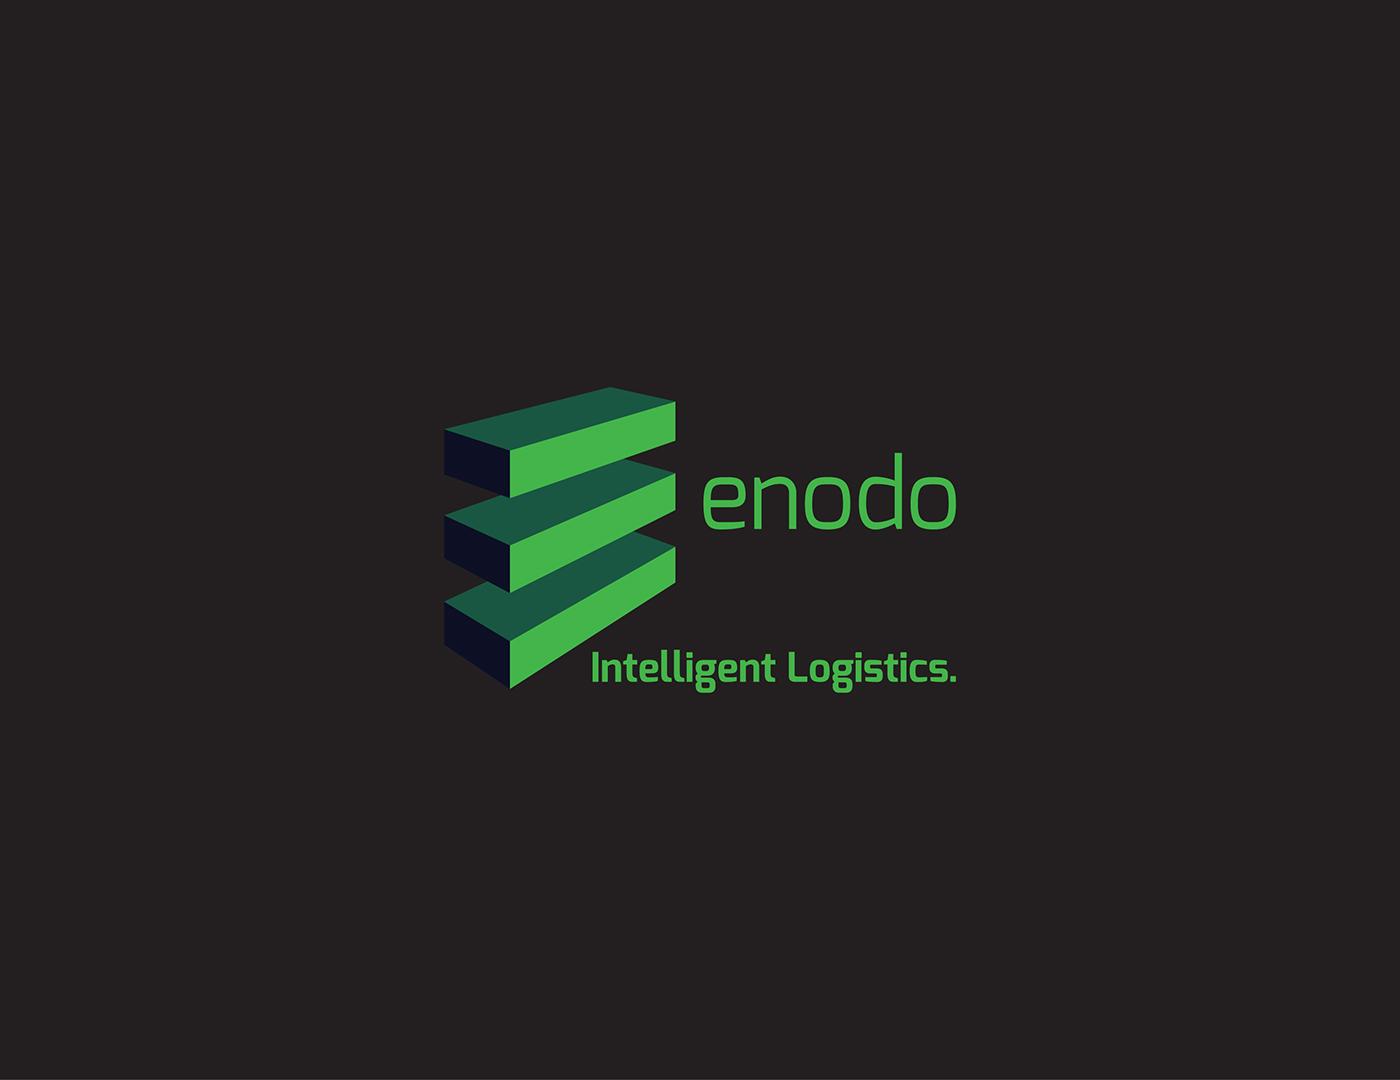 enodo branding on Behance